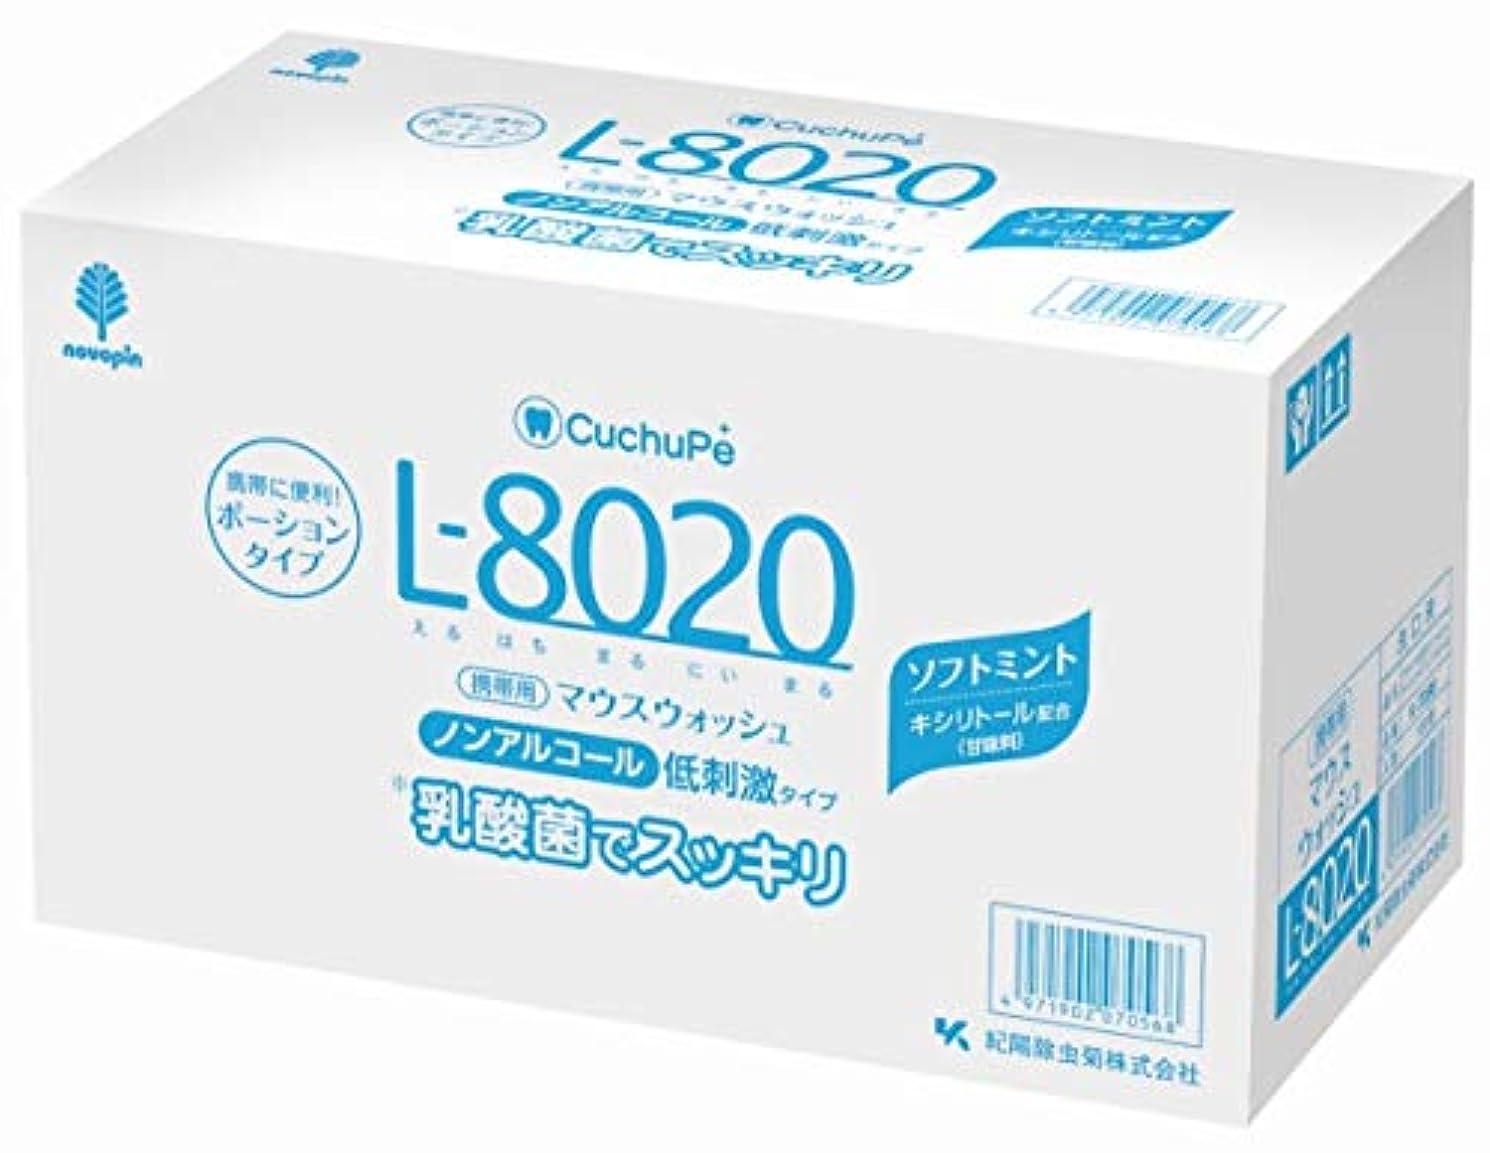 昇る税金正しく日本製 made in japan クチュッペL-8020 ソフトミント ポーションタイプ100個入(ノンアルコール) K-7098【まとめ買い10個セット】